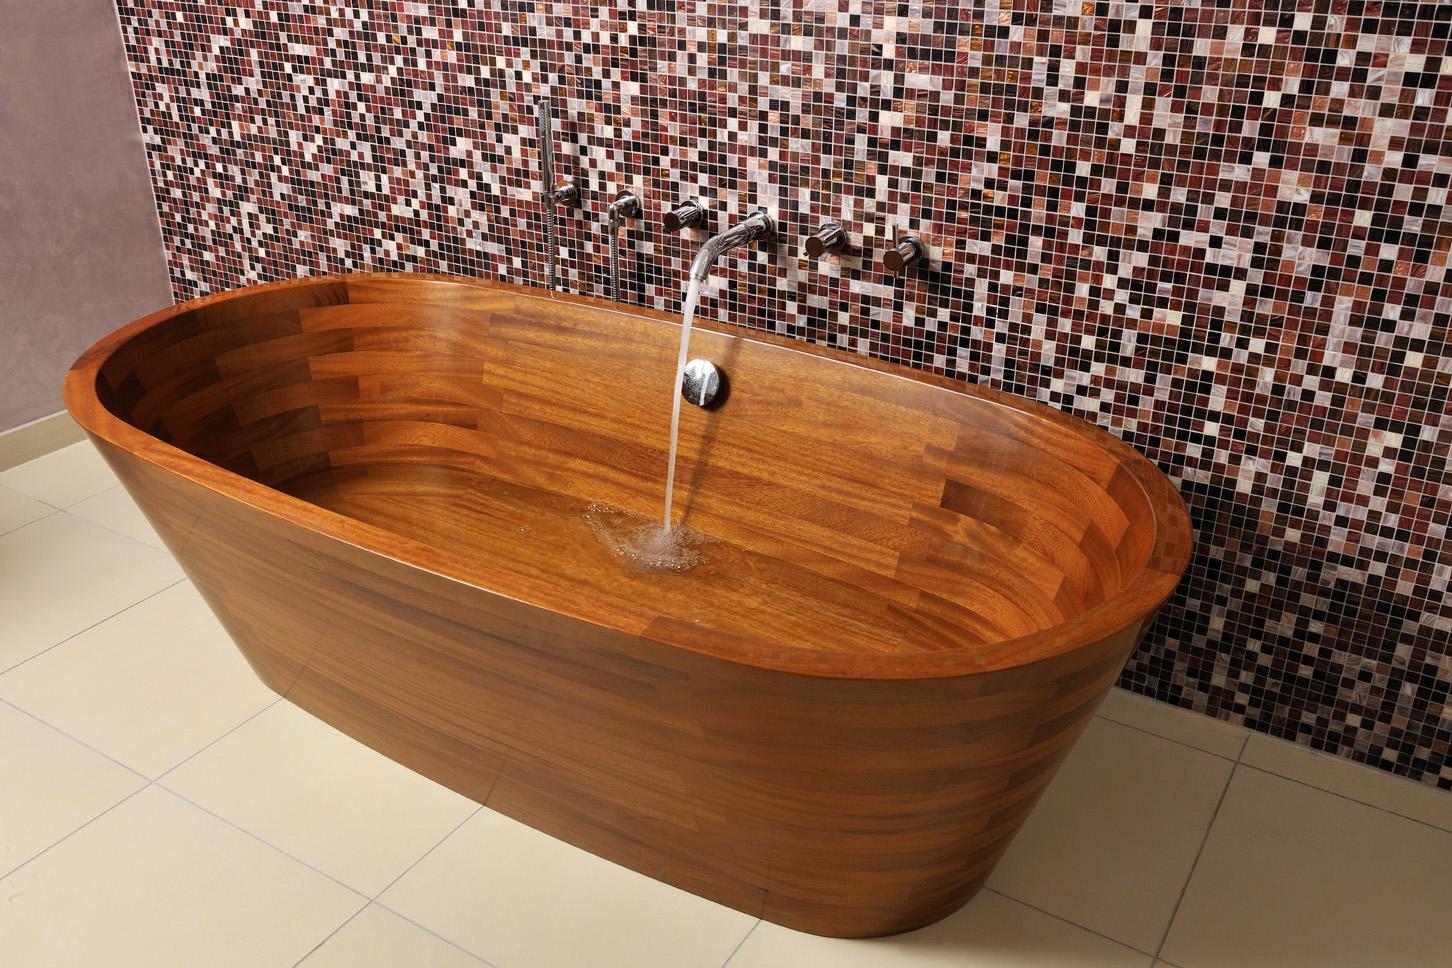 Baignoire fonte prix baignoire sur pied herbeau modle - Peinture pour baignoire en fonte leroy merlin ...